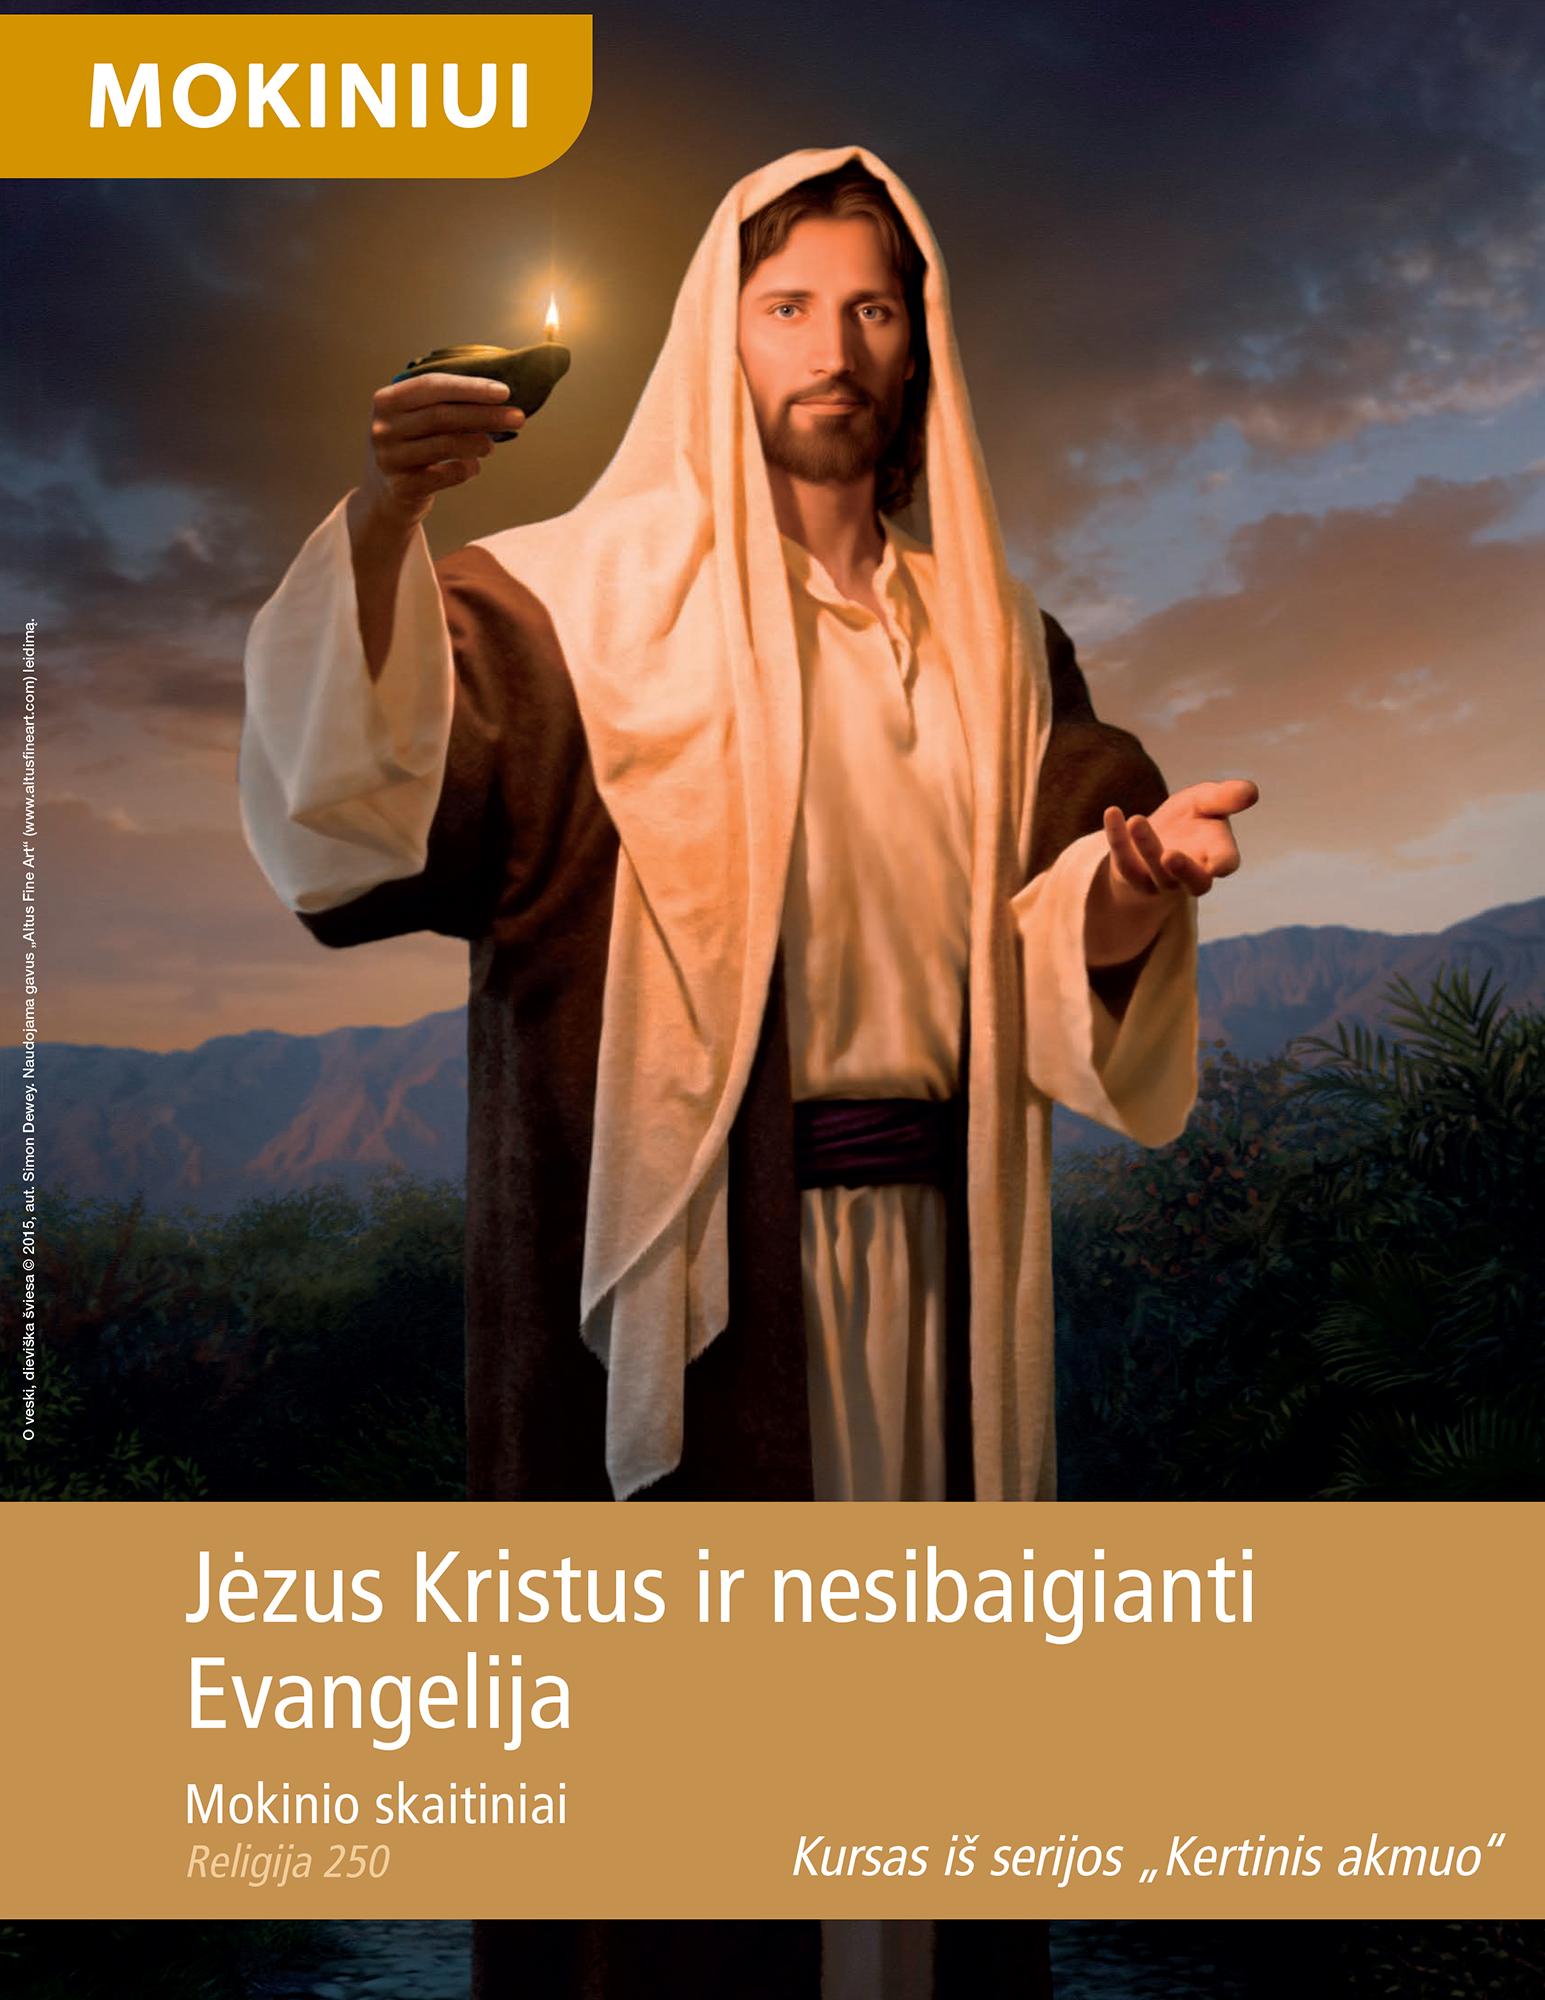 Jėzus Kristus ir nesibaigianti Evangelija. Mokinio skaitiniai (Rel 250)